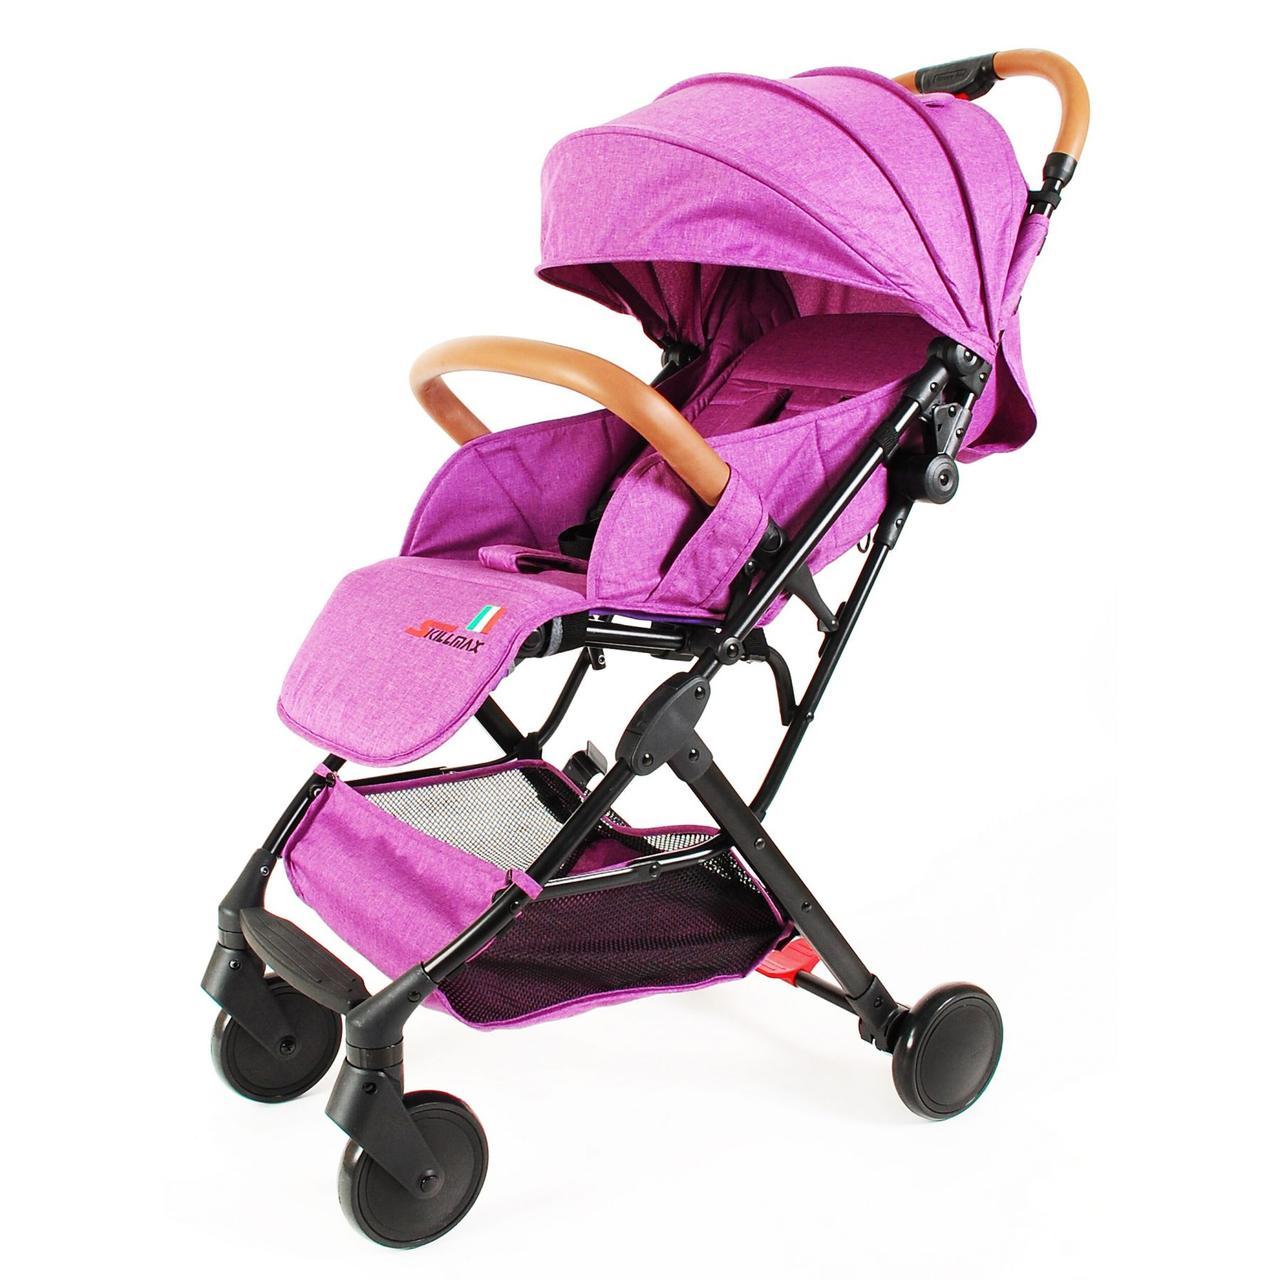 Прогулочная коляска Skillmax TL- BLX 20 розовый  (purple)